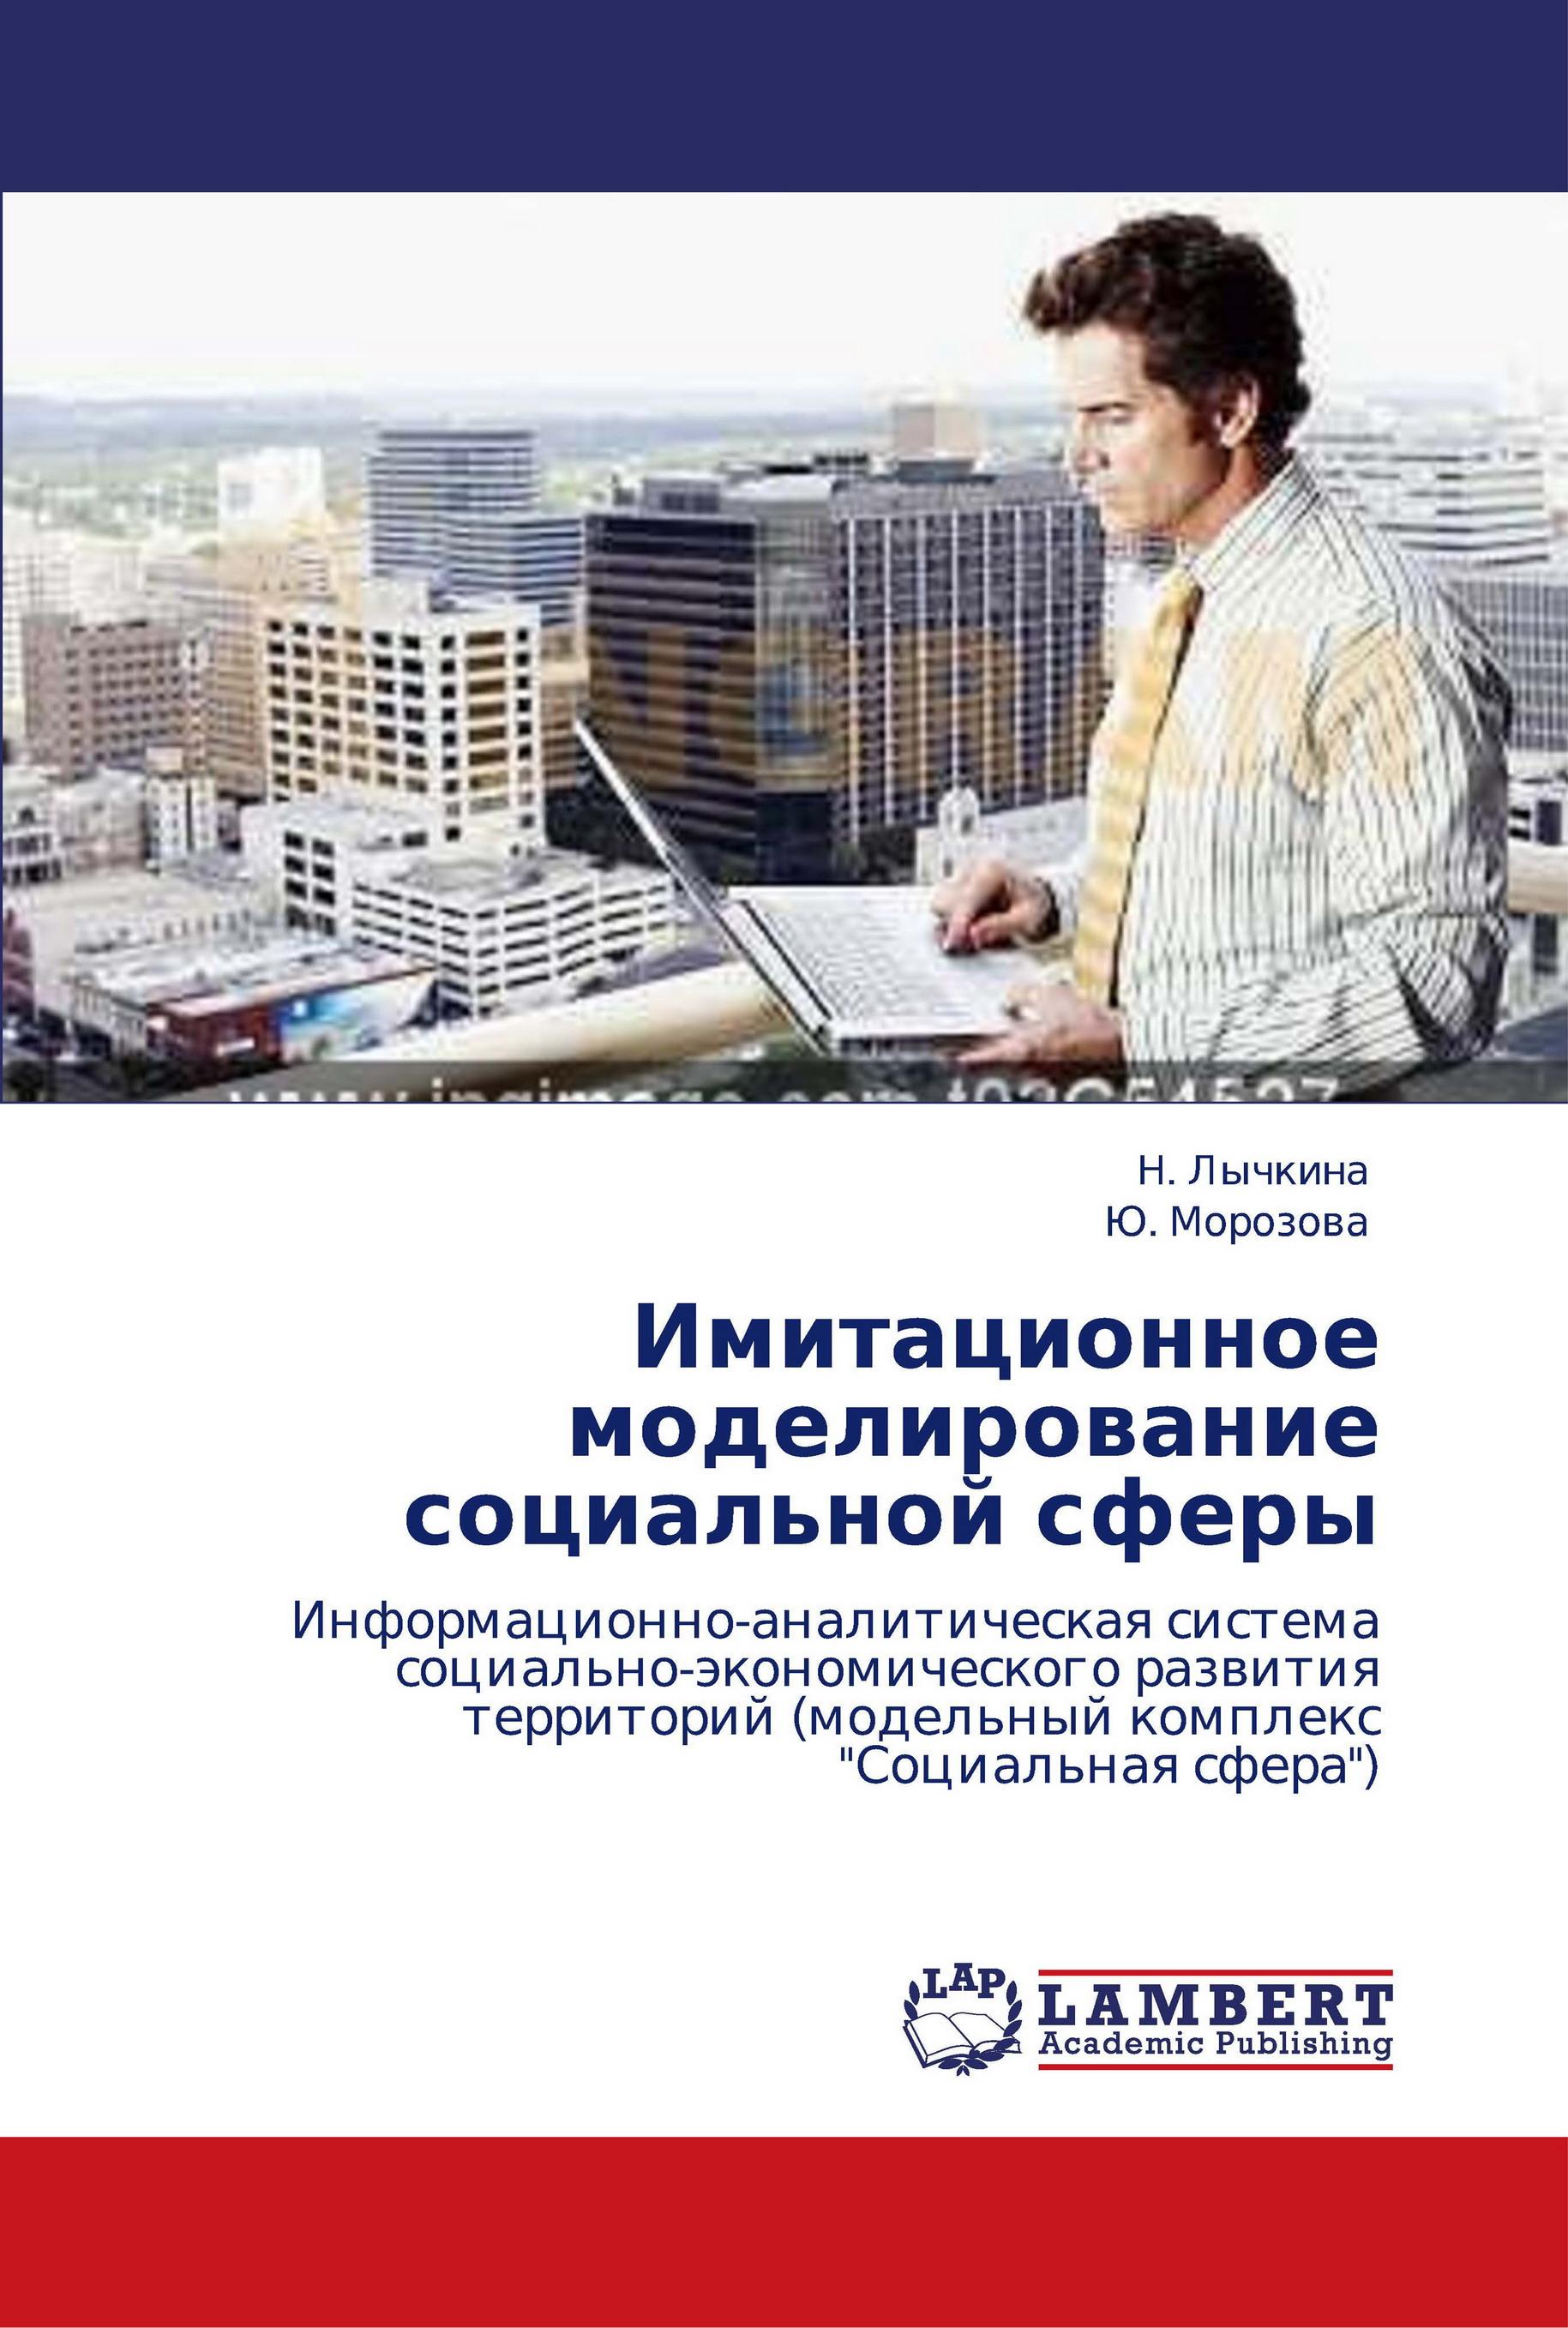 """Имитационное моделирование социальной сферы: информационно-аналитическая система социально-экономического развития территорий (модельный комплекс """"Социальная сфера"""")"""